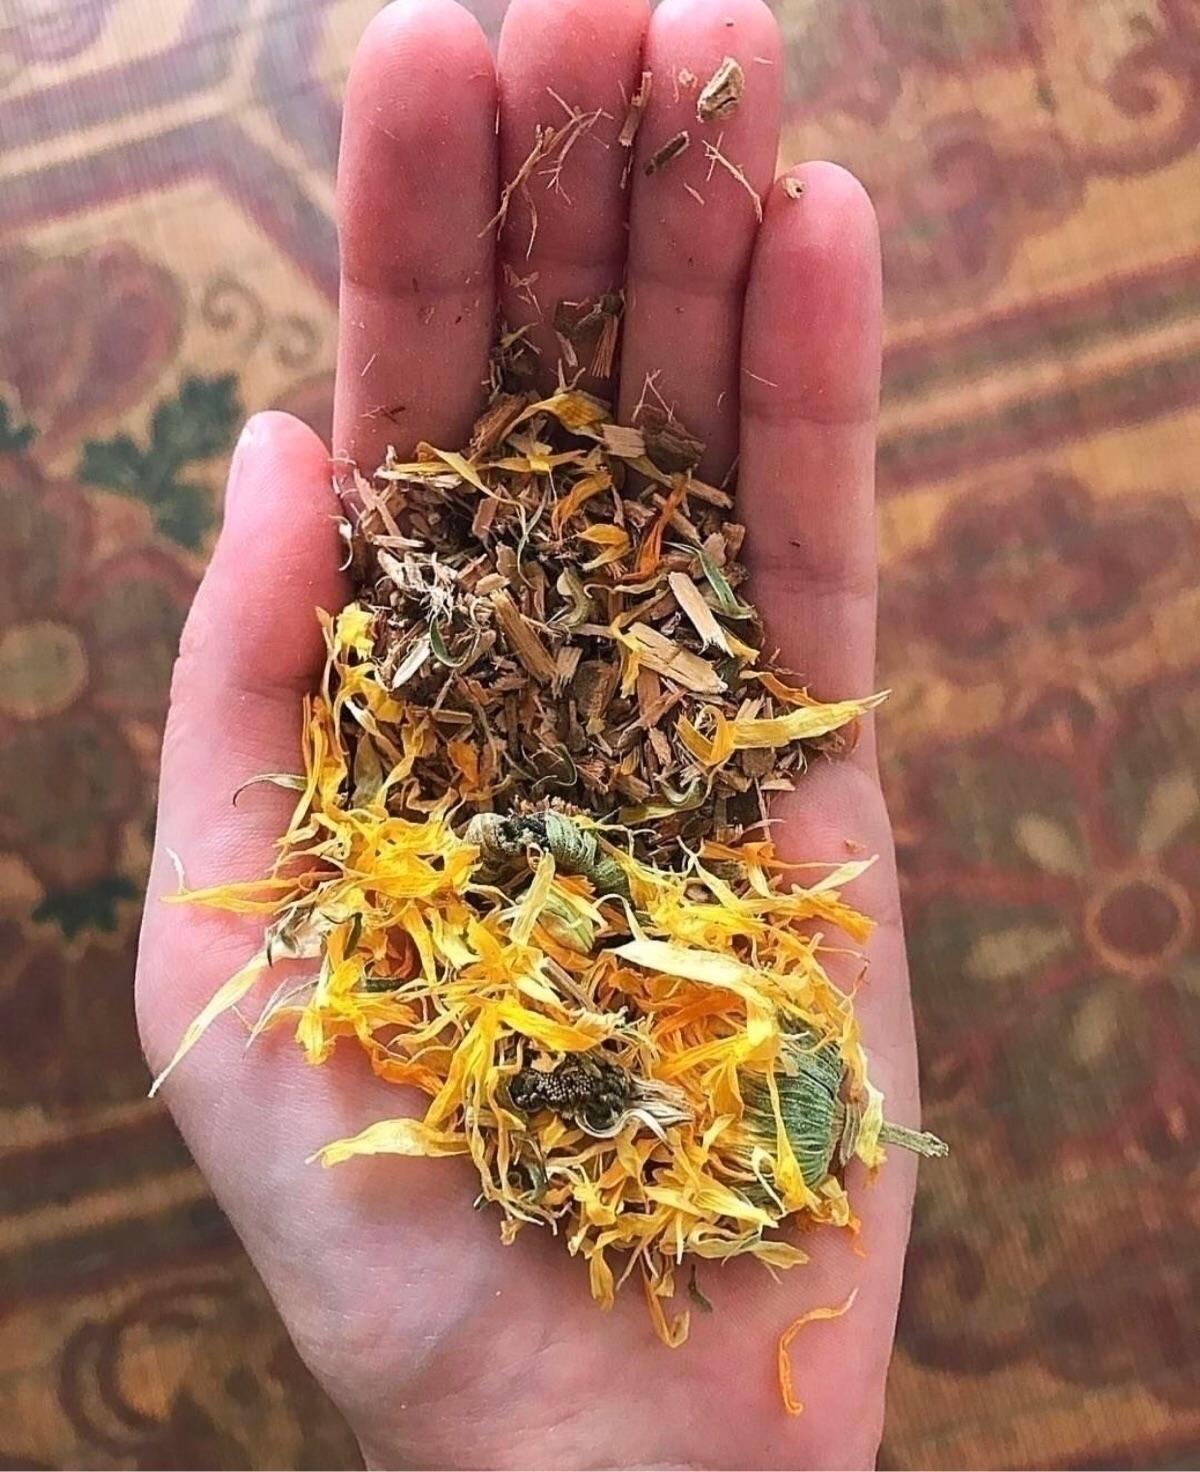 Willow bark calendula high astr - dreamersapothecary | ello